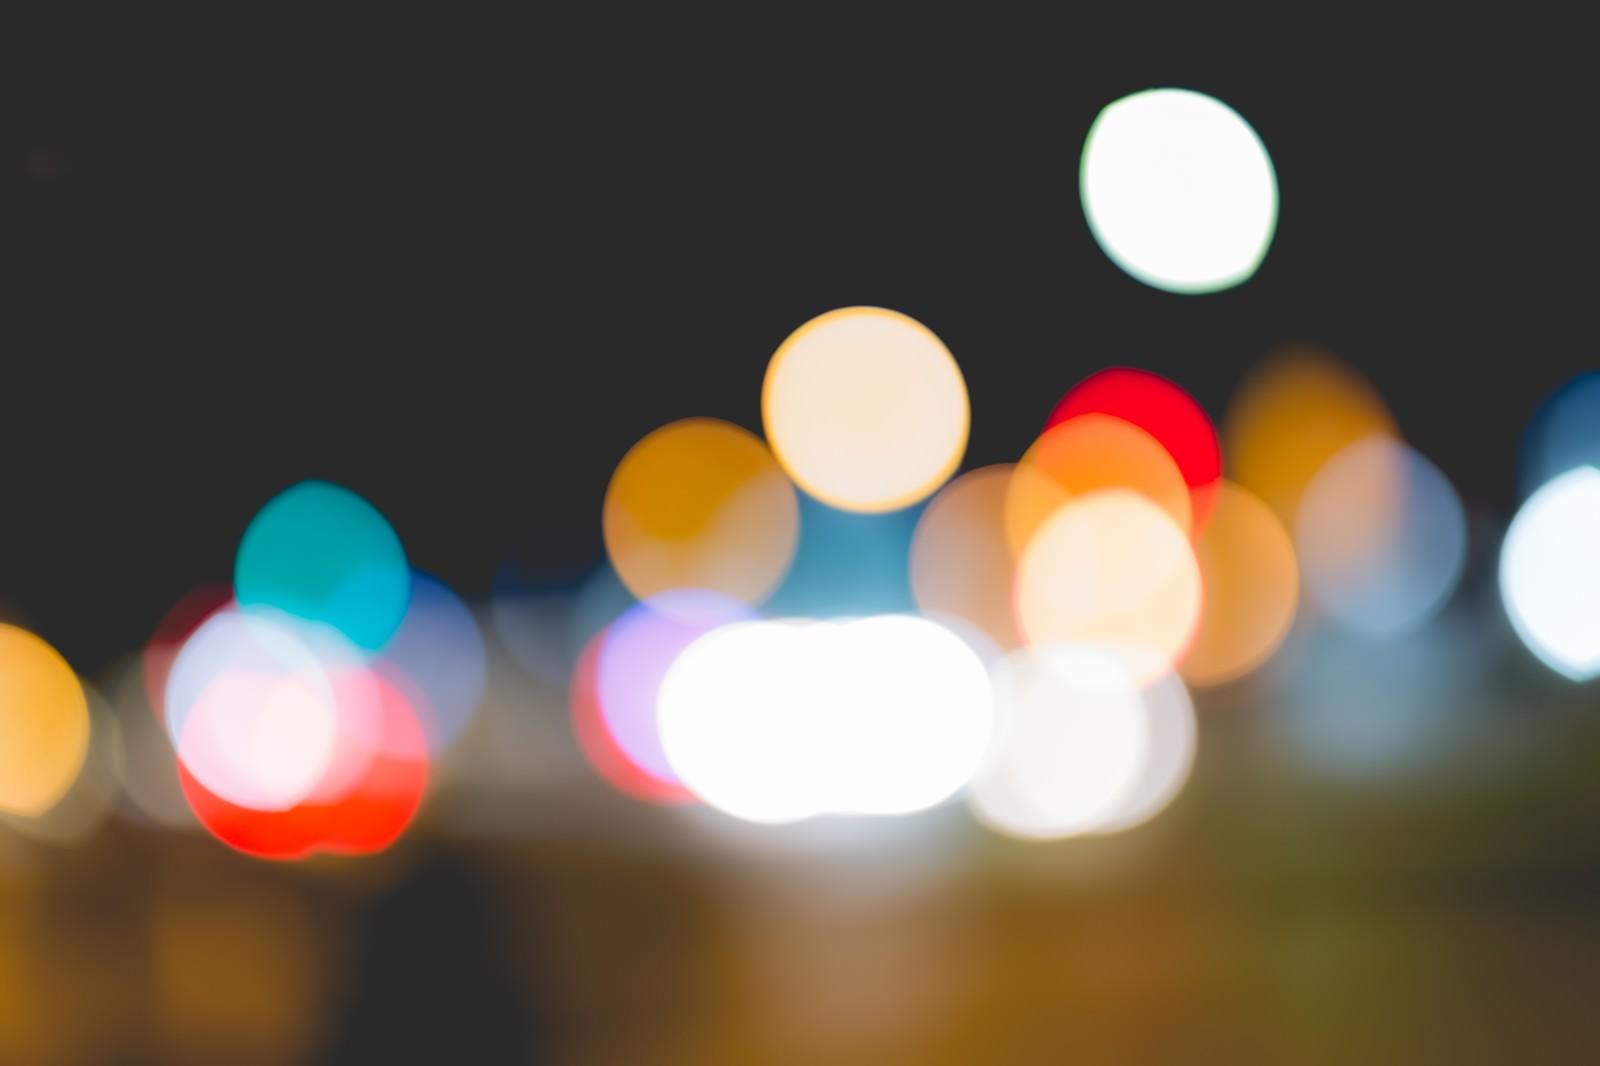 「街の灯り(ボケ)」の写真